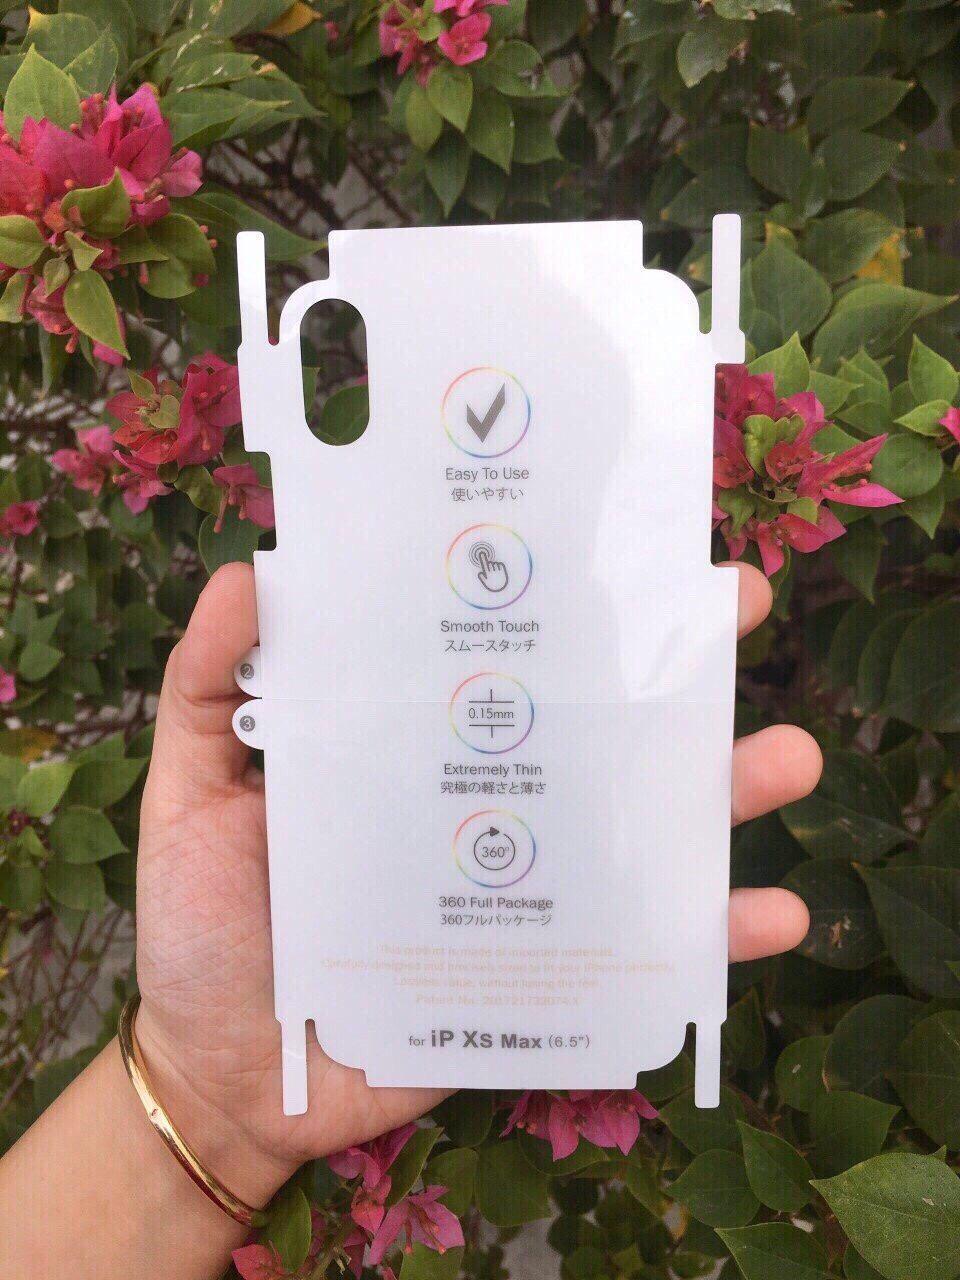 [HCM]Dán PPF 7 sắc cầu vòng 2021 Chống xước & đặc biệt TỰ PHỤC HỒI VẾT XƯỚC iphone 787p8pXXS 11 11 Pro 11 Pro Max 12 Mini 12 12 Pro 12 Pro Max.